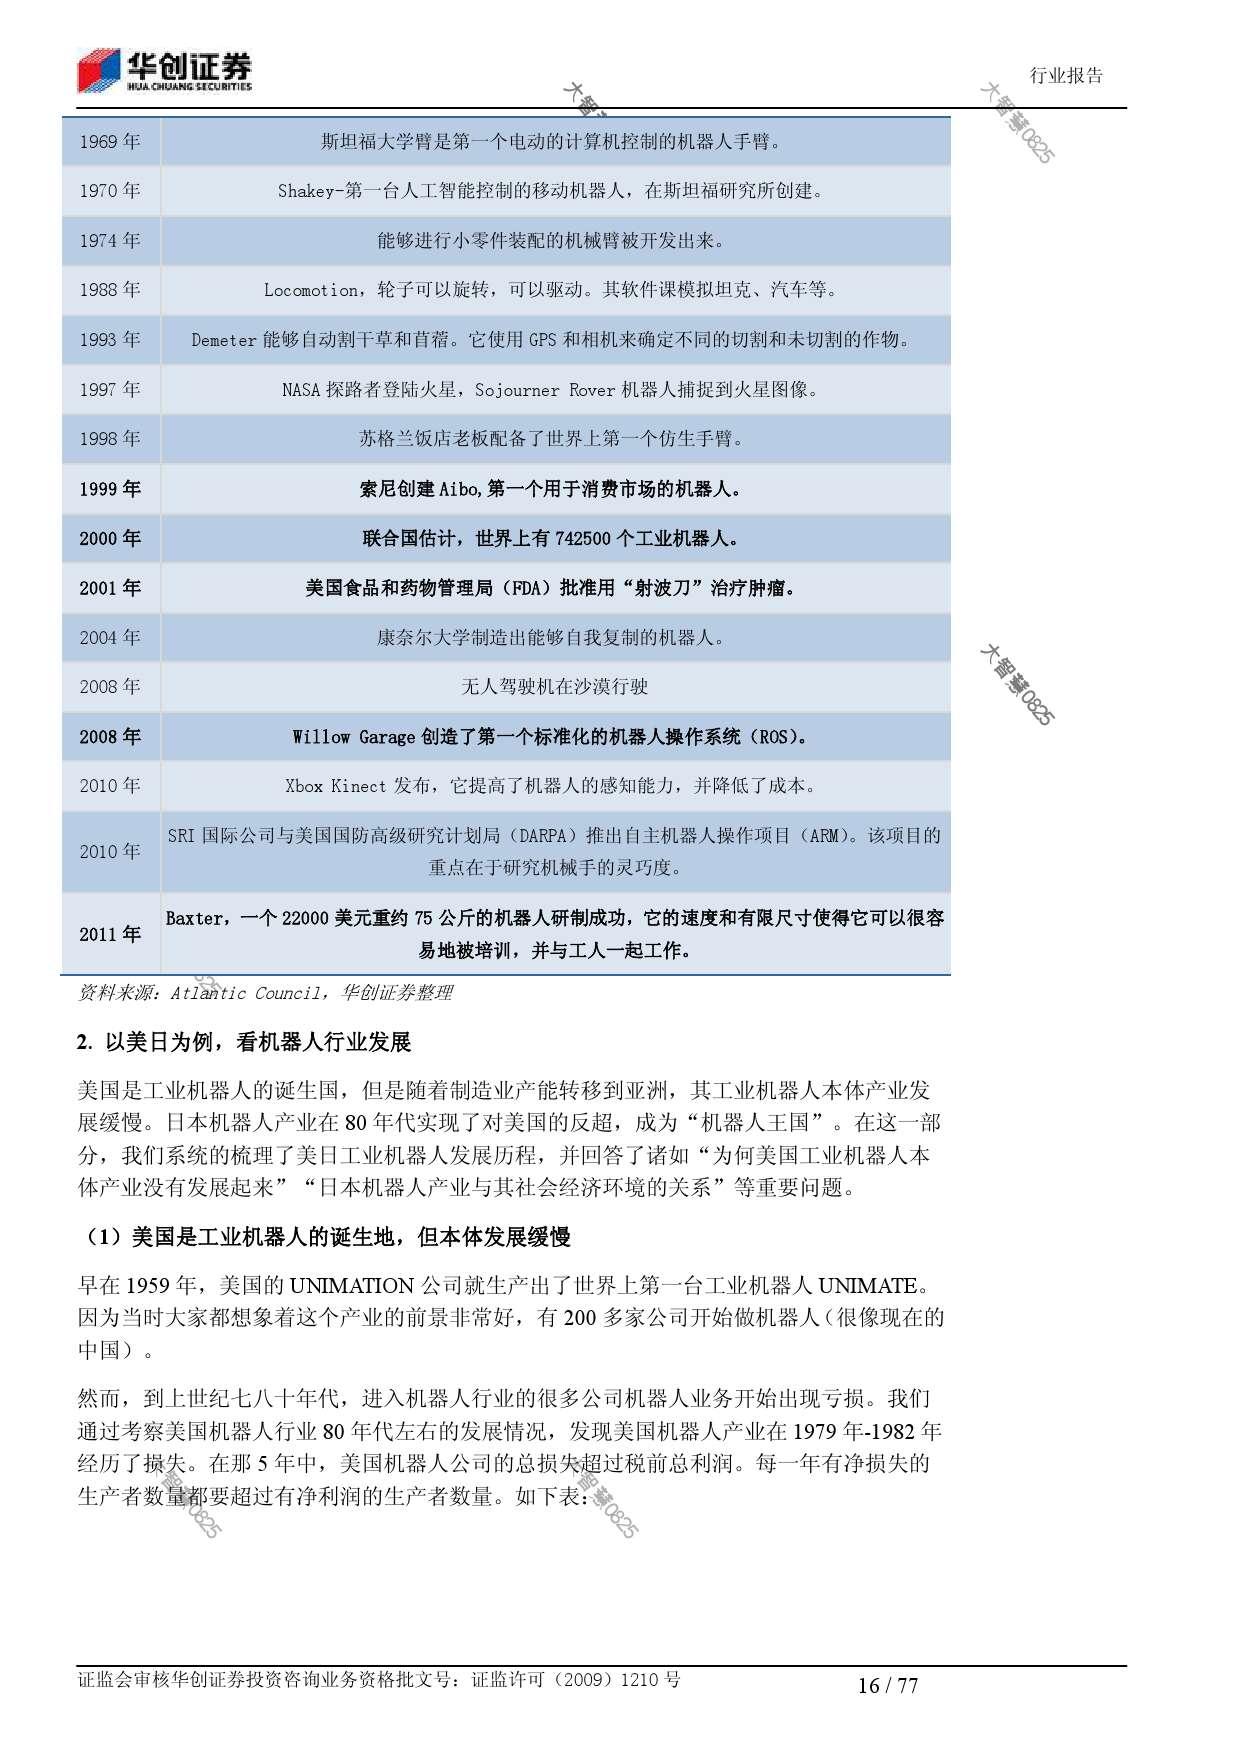 行业研究_华创证券_刘国清,鲁佩_机械设备:机器人大趋势_2014021_000016